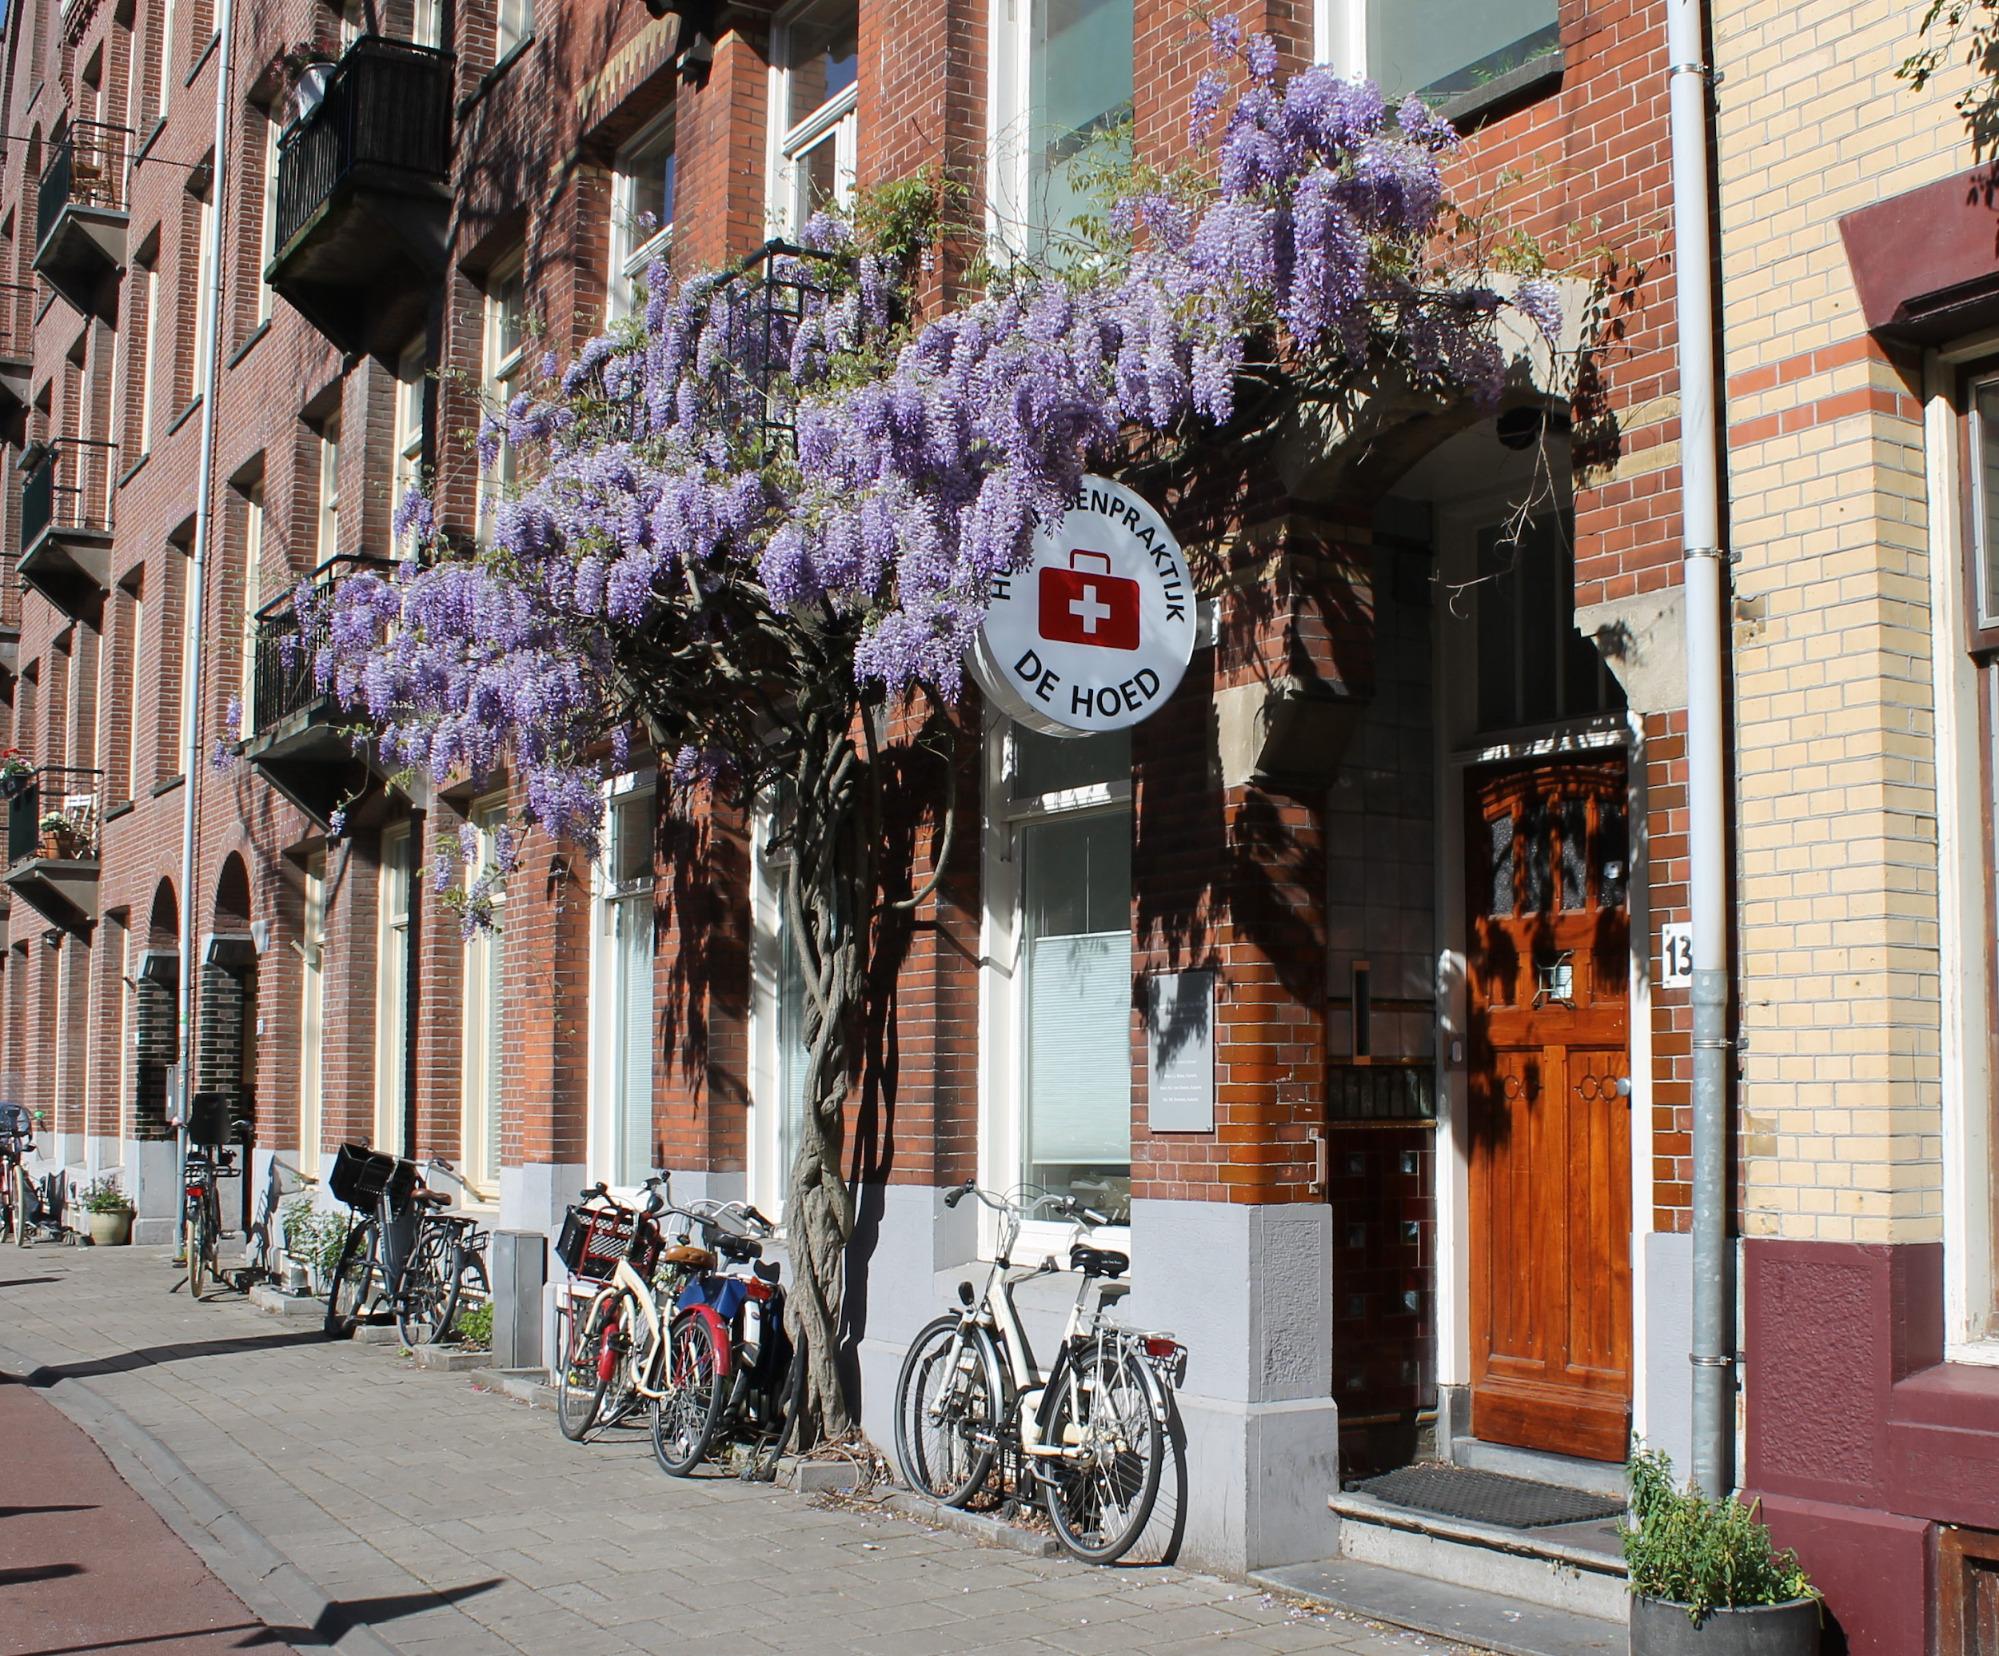 Так виглядав кабінет мого першого сімейного лікаря в Амстердамі. Фото: dehoed.nl